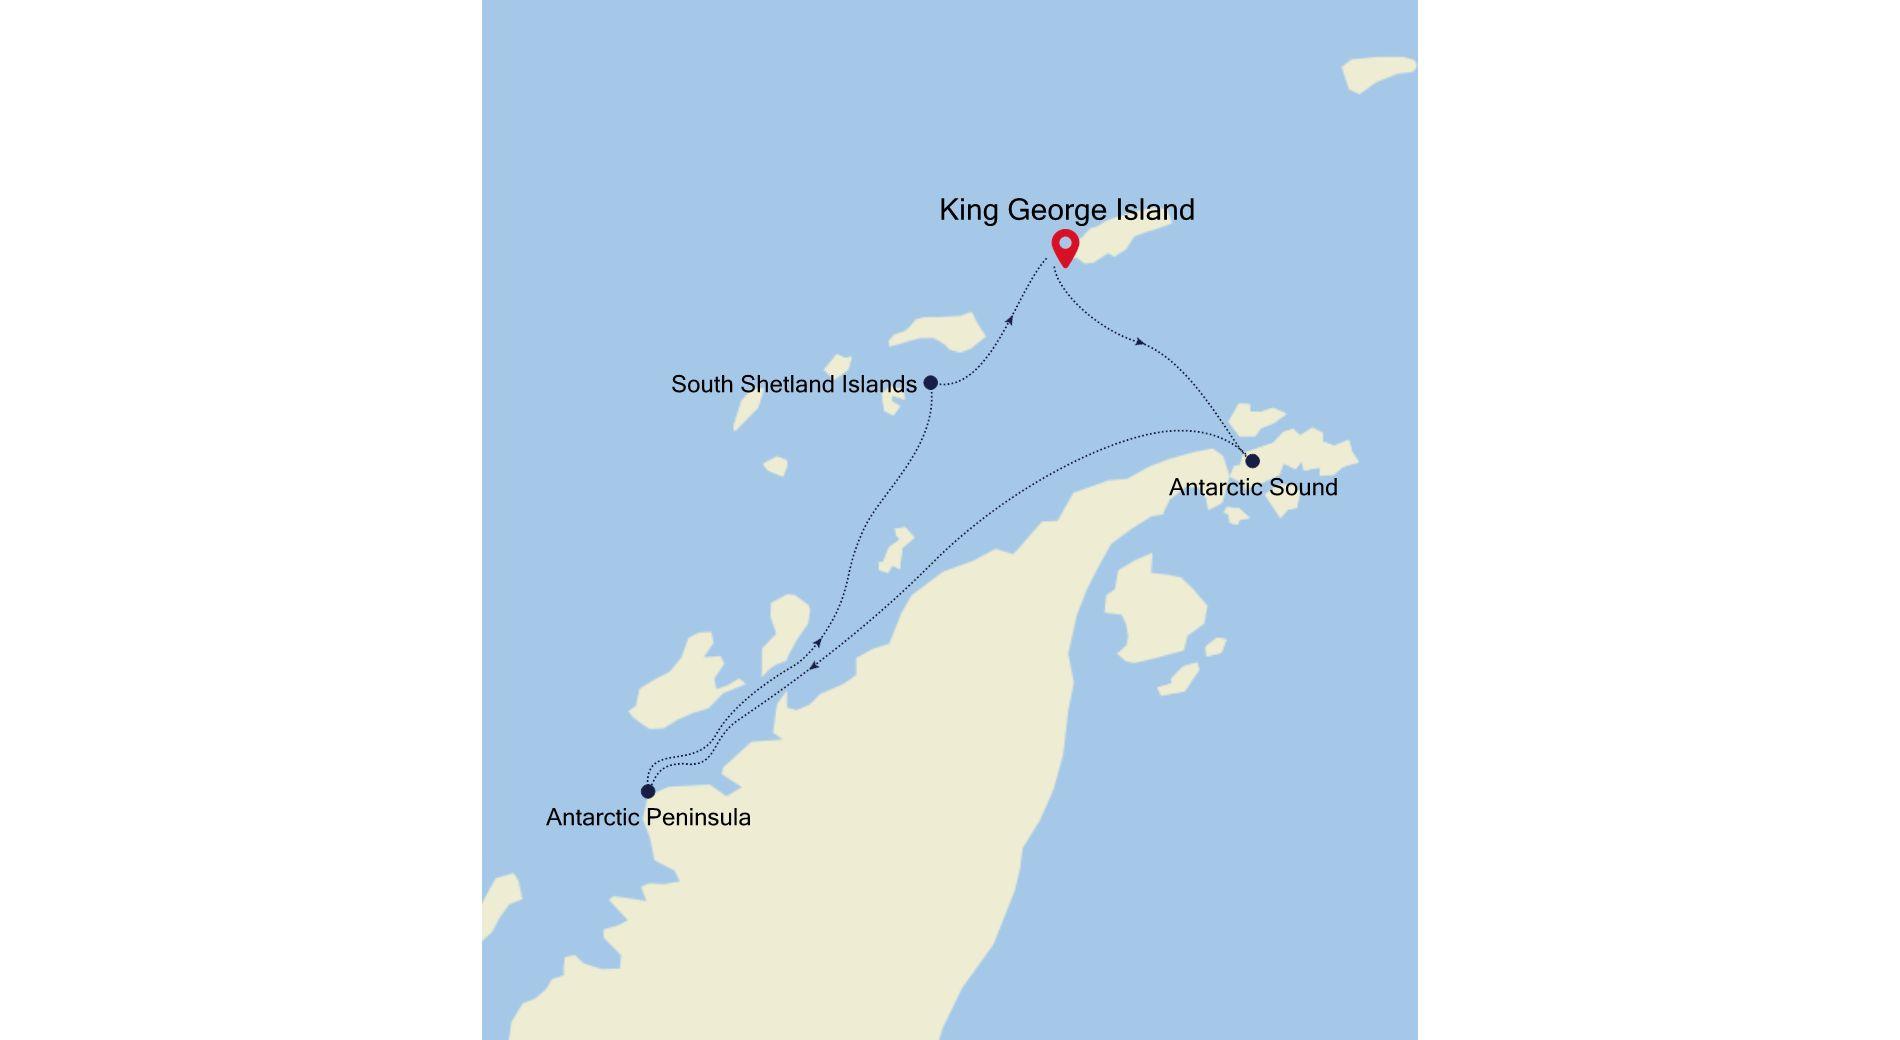 E1220124006 - King George Island à King George Island